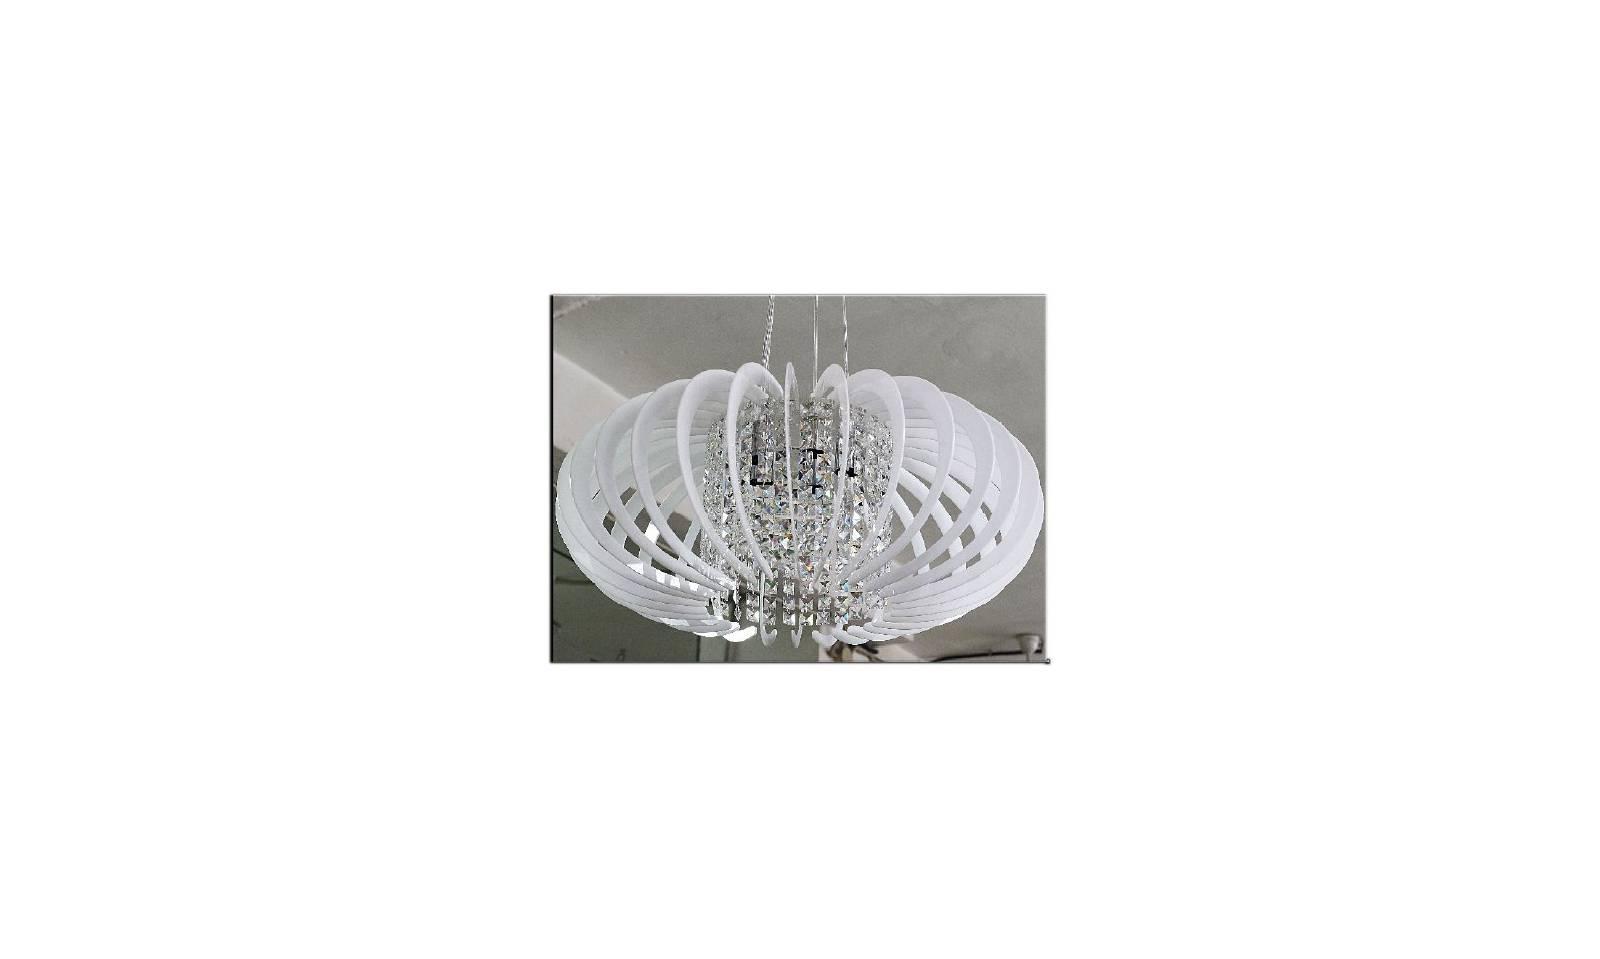 Lampadario Bianco E Cristallo : Lampadario in plexiglass per cameretta colorato bianco con cristalli